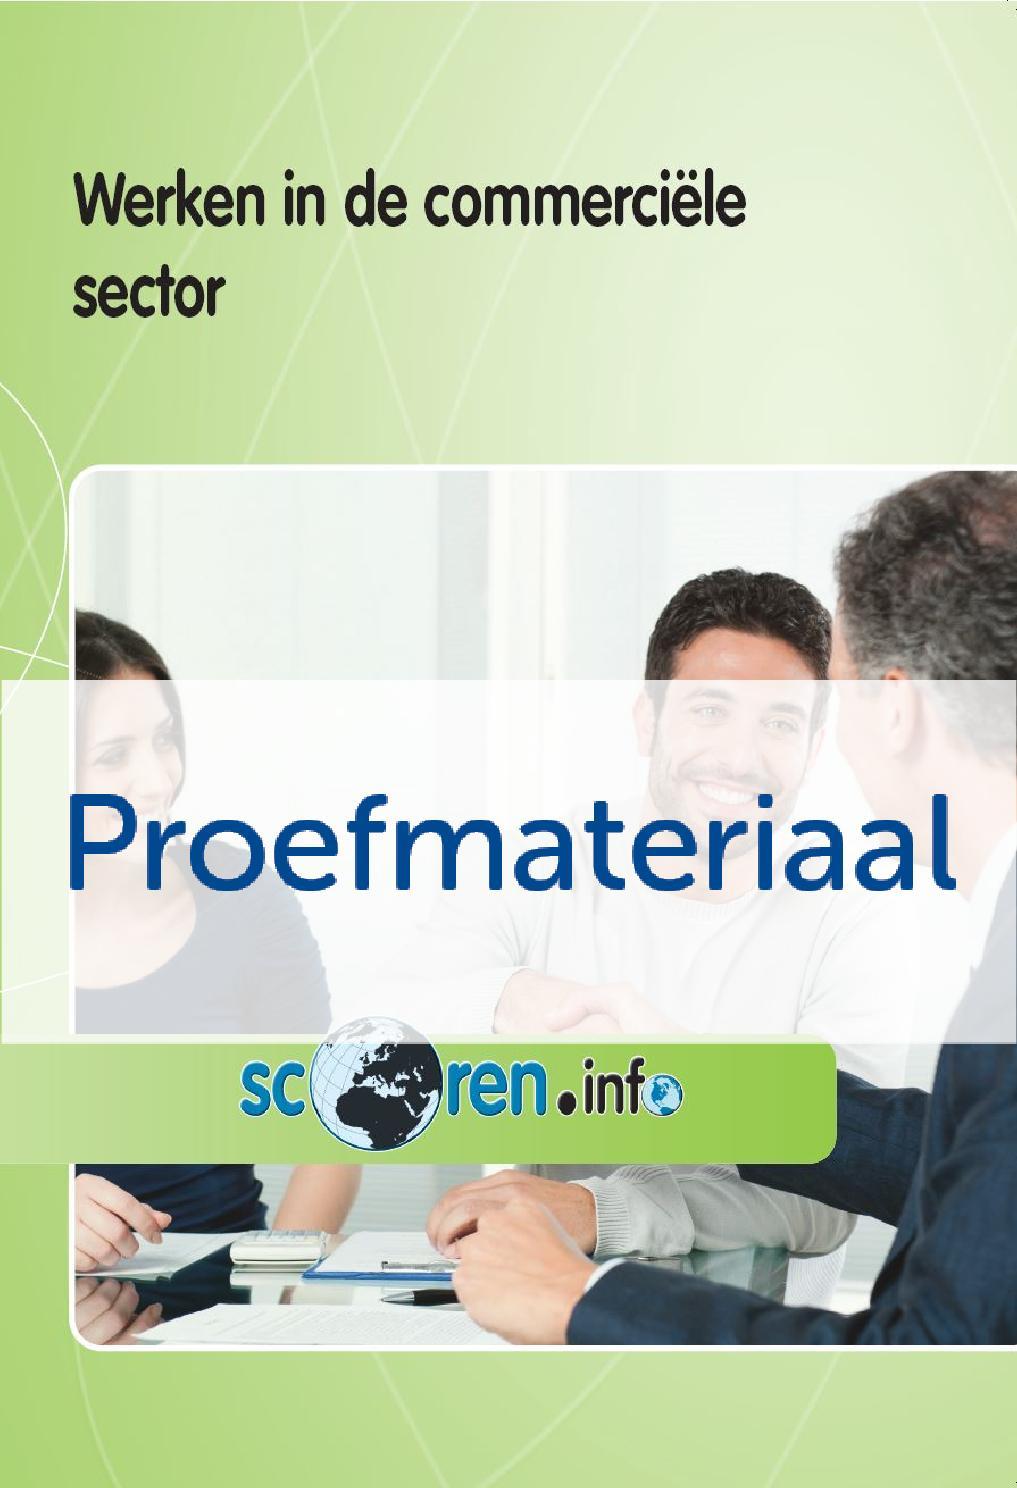 Werken in de commerciële sector proefmateriaal by Edu